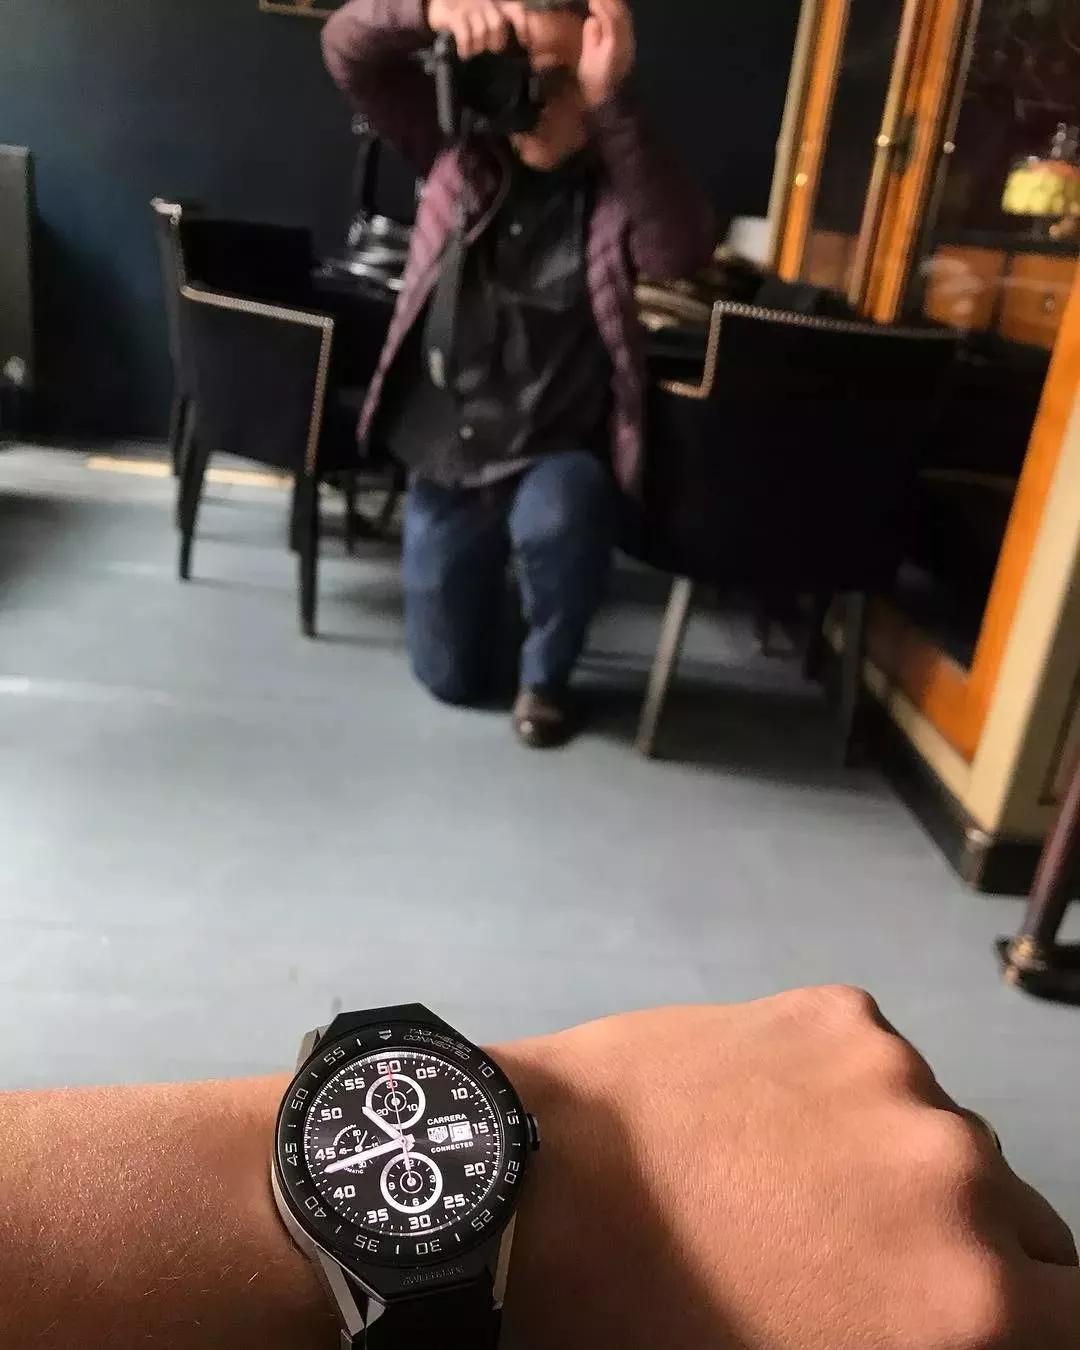 不同场合、不同风格,一块智能腕表就能帮你全部解决  秋11月 第20张